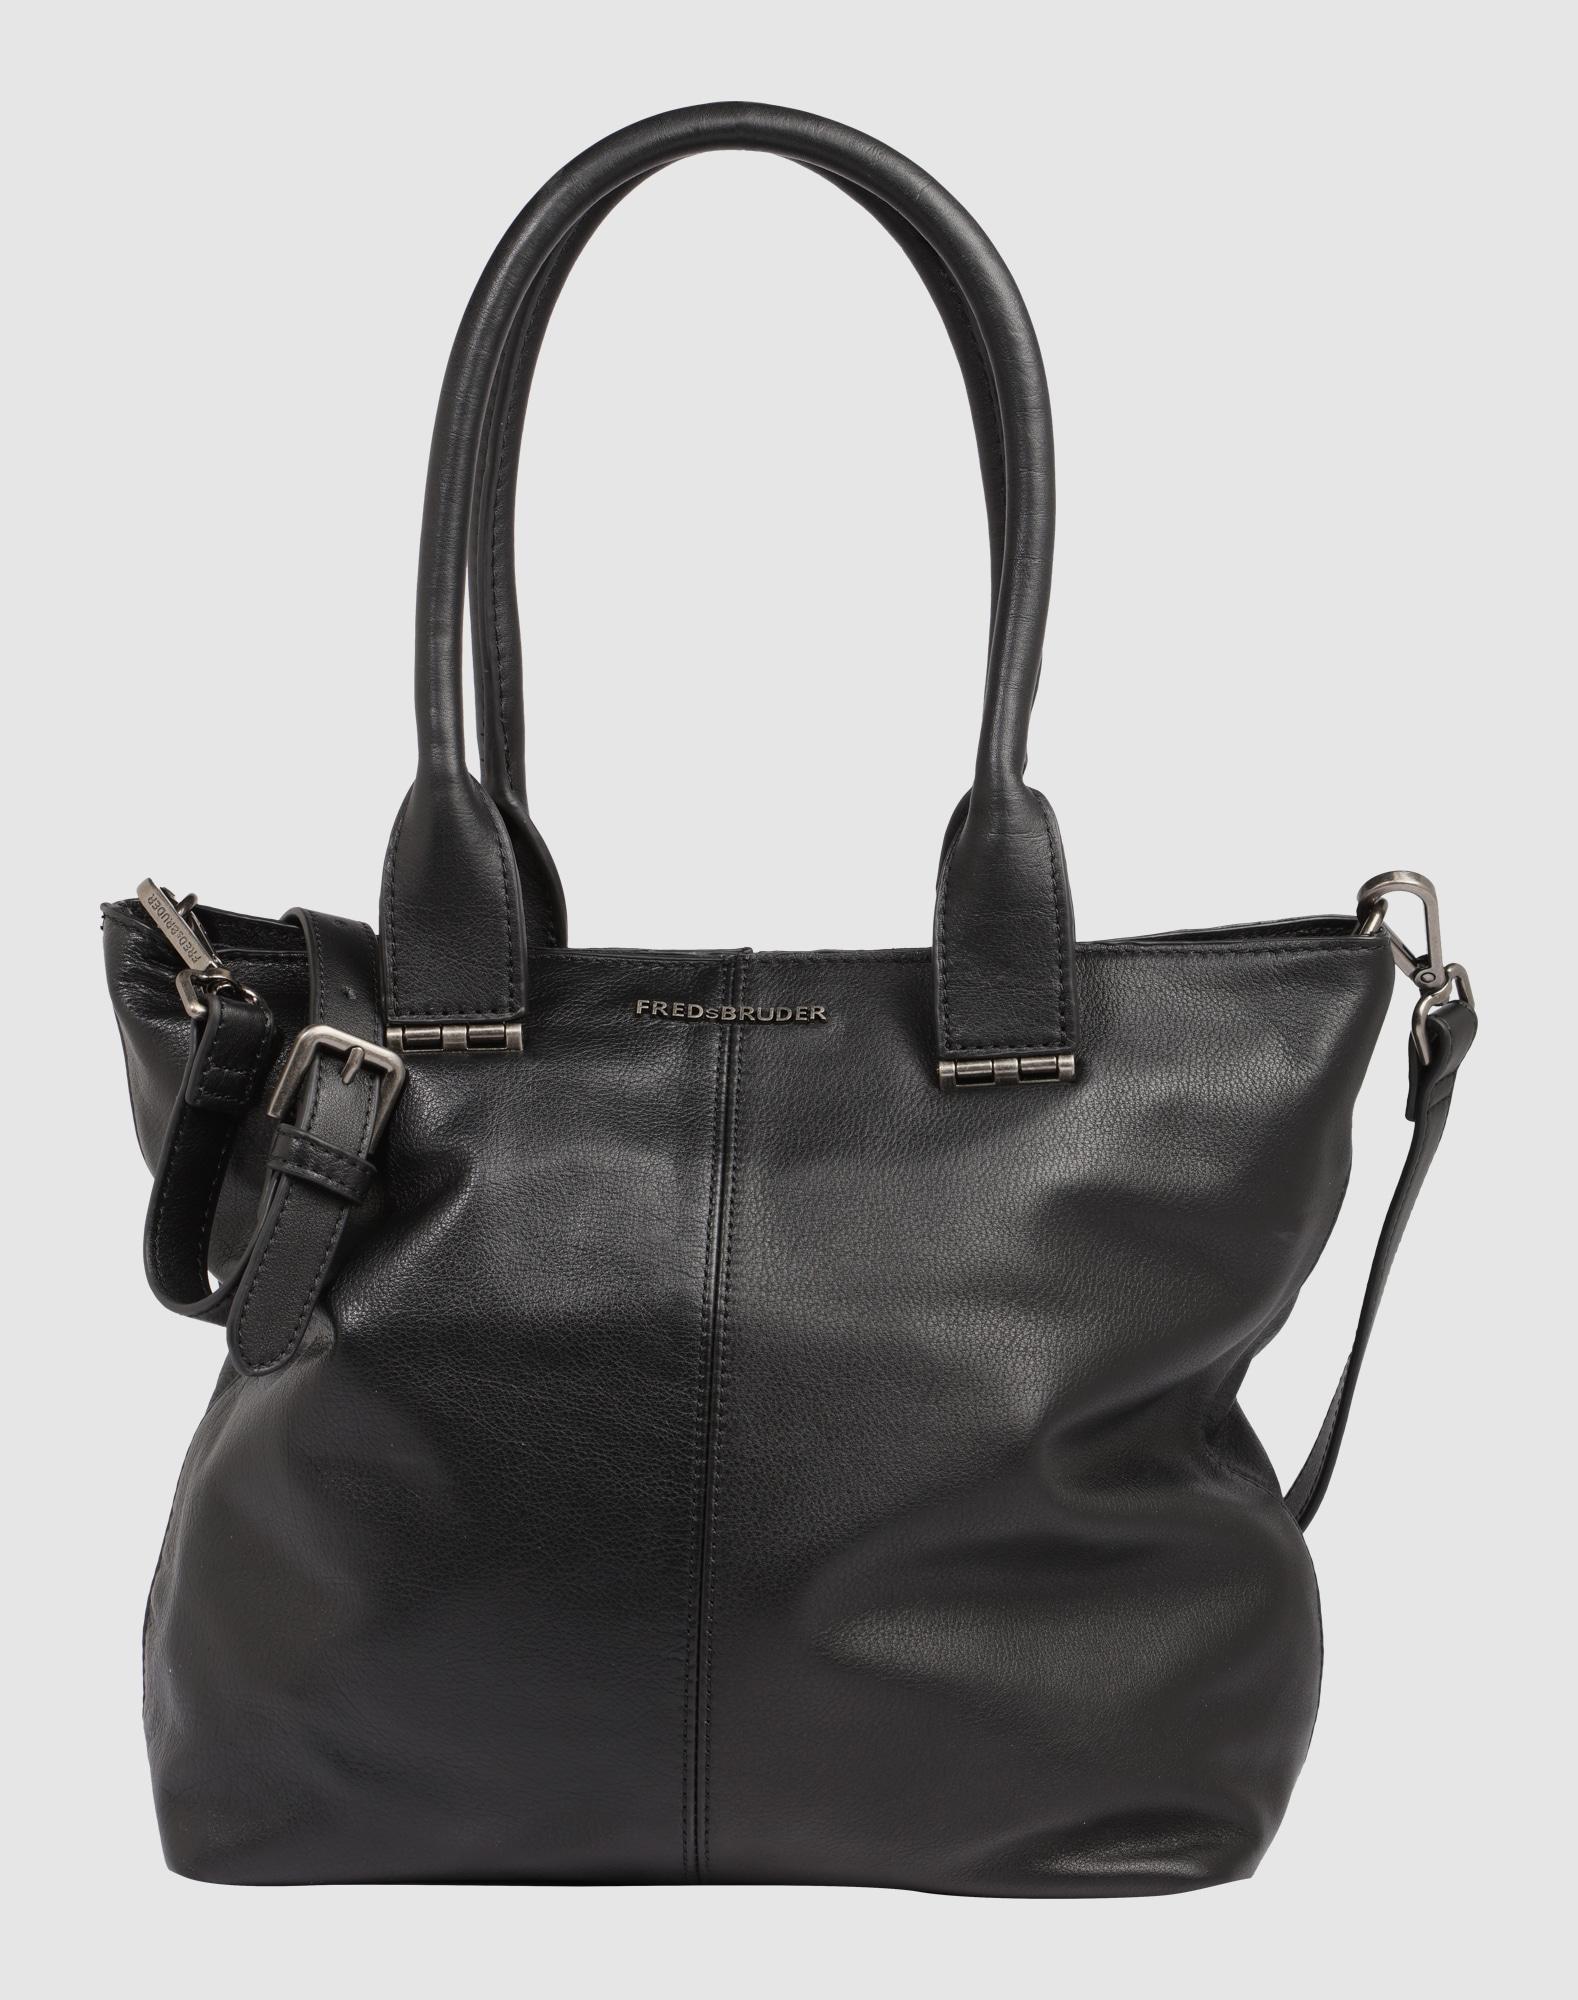 fredsbruder handtasche 39 flaps 39 in schwarz about you. Black Bedroom Furniture Sets. Home Design Ideas